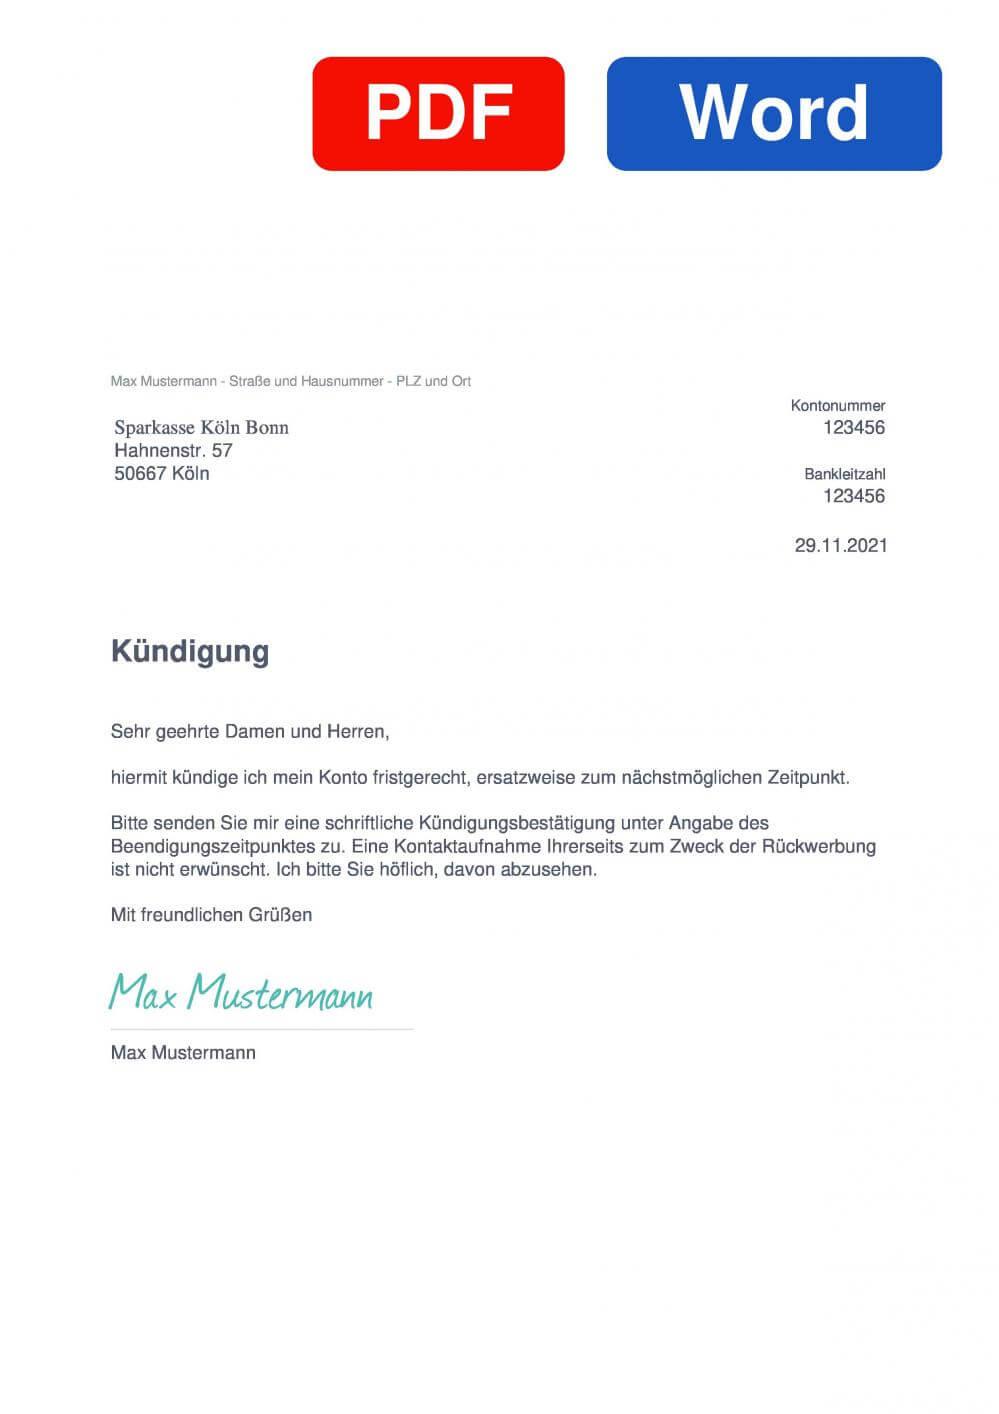 Sparkasse Kölnbonn Muster Vorlage für Kündigungsschreiben